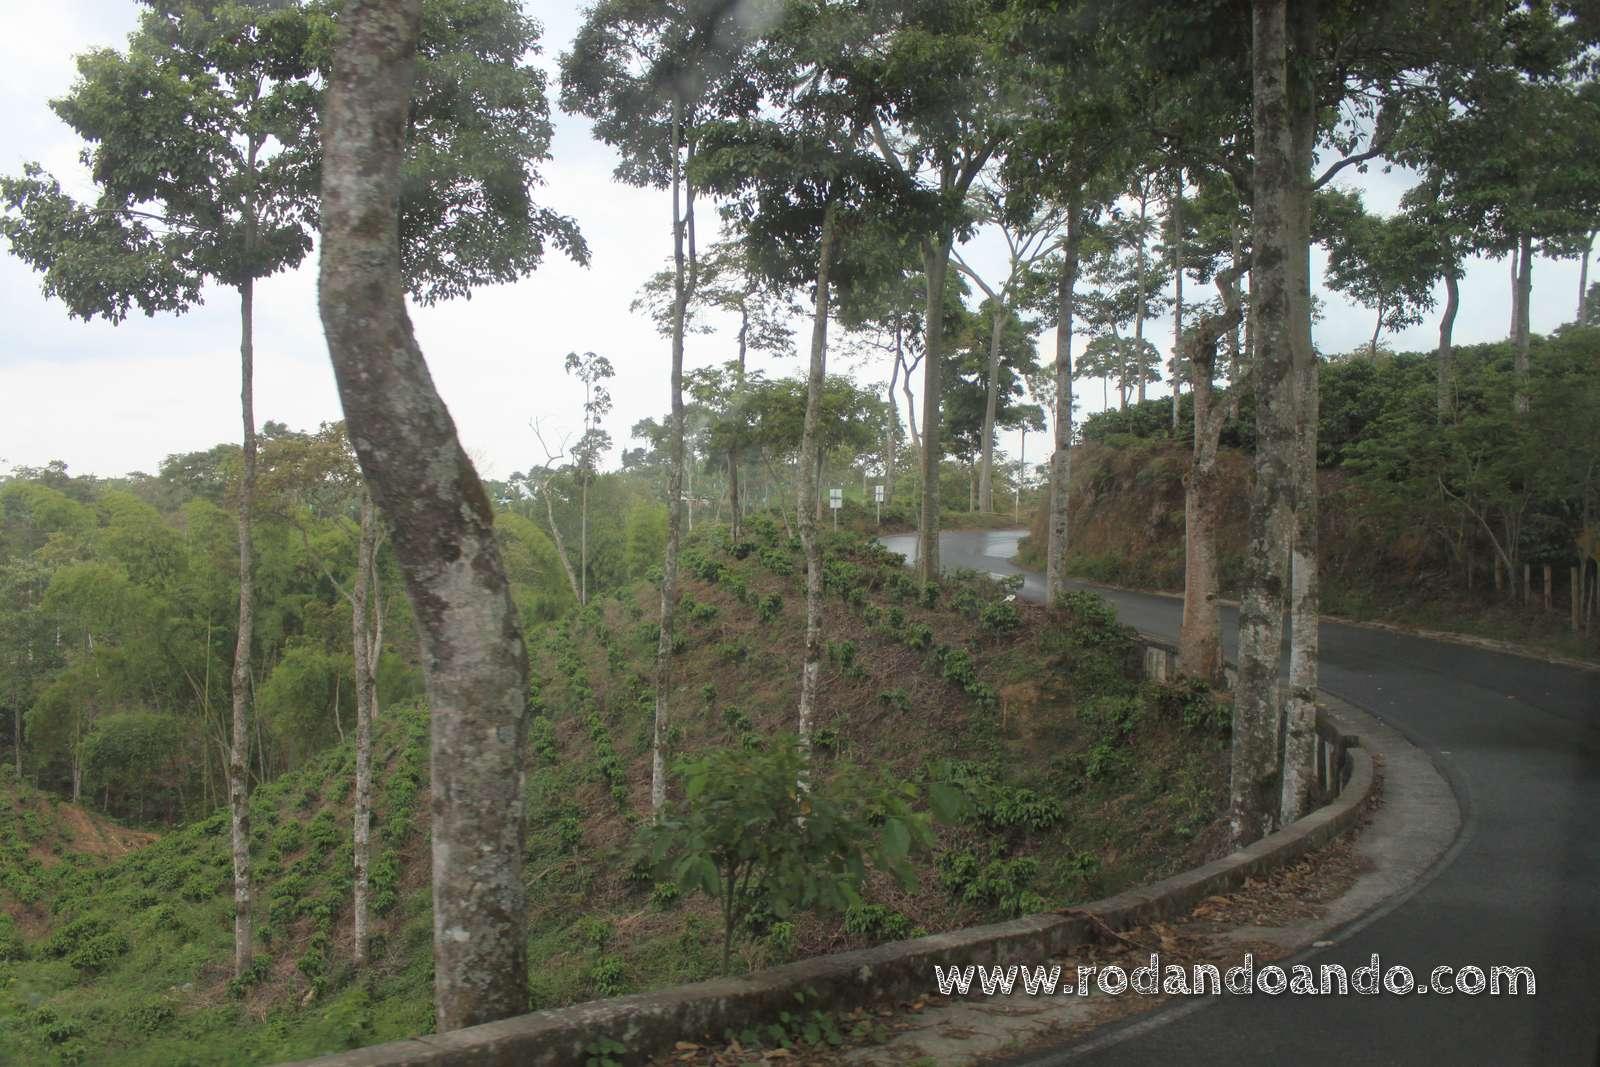 Visita a filandia y el valle de cocora for Plantaciones verticales